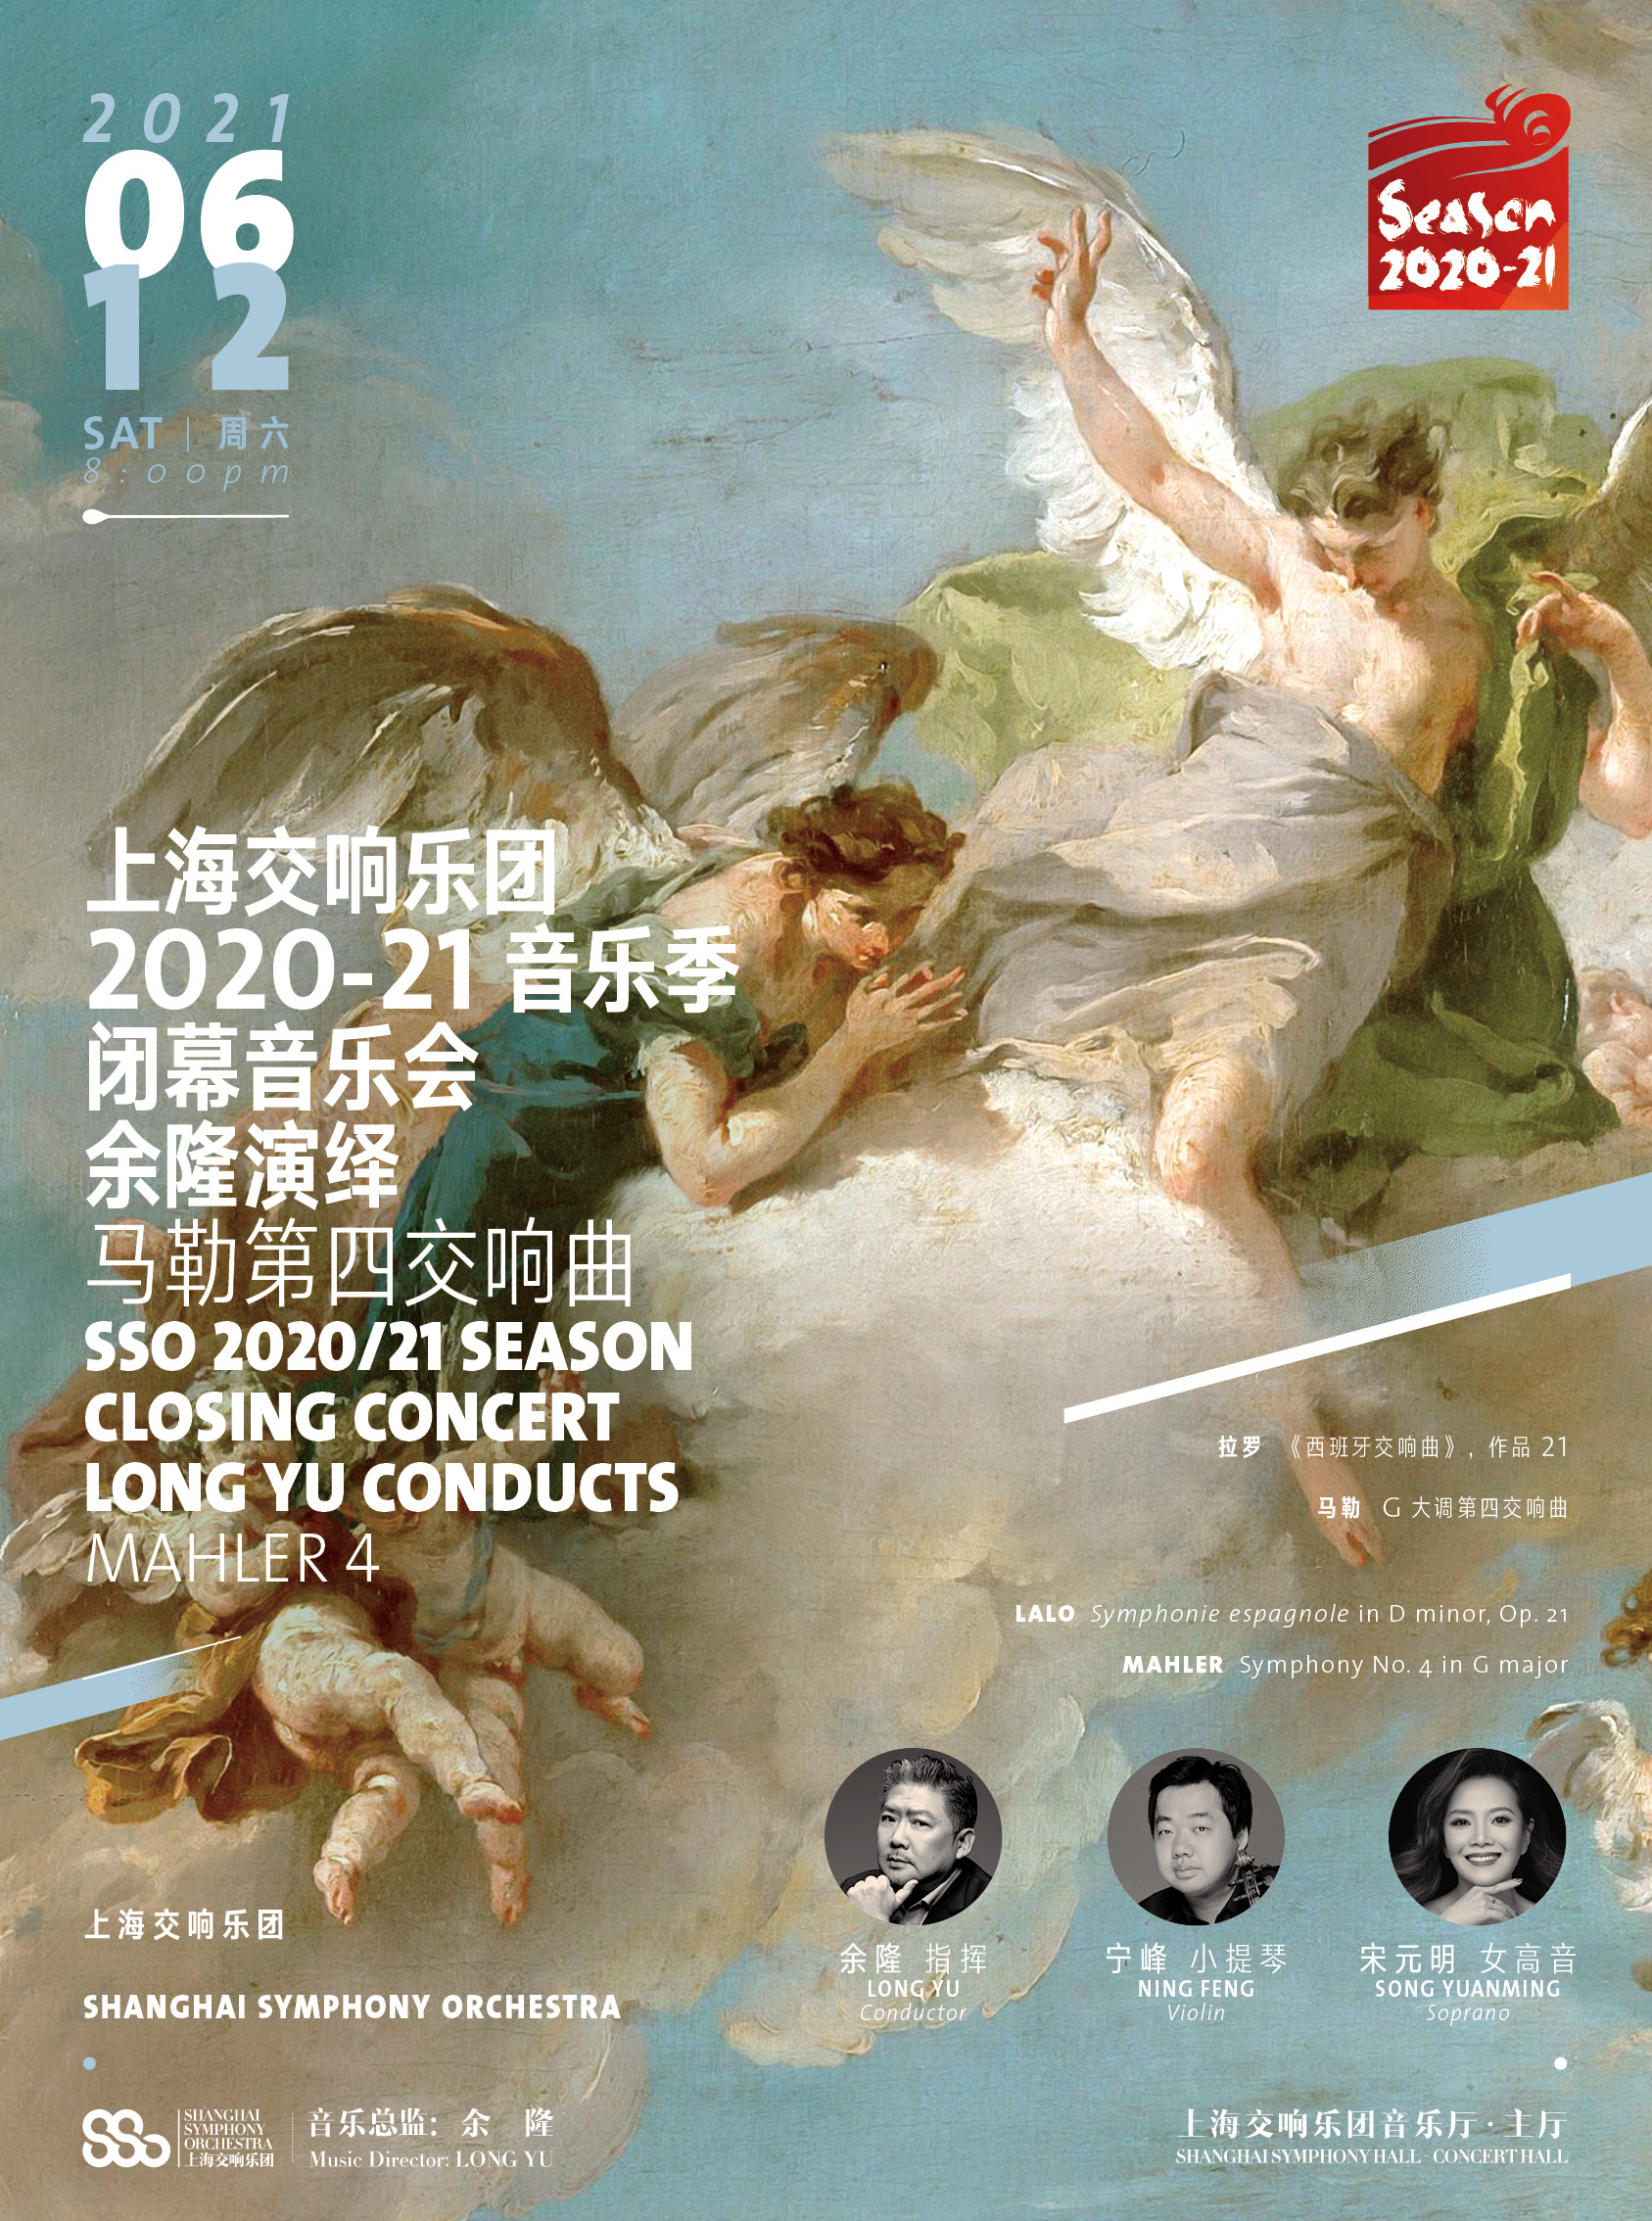 【上海站】上海交响乐团2020-21音乐季闭幕音乐会 余隆演绎马勒第四交响曲